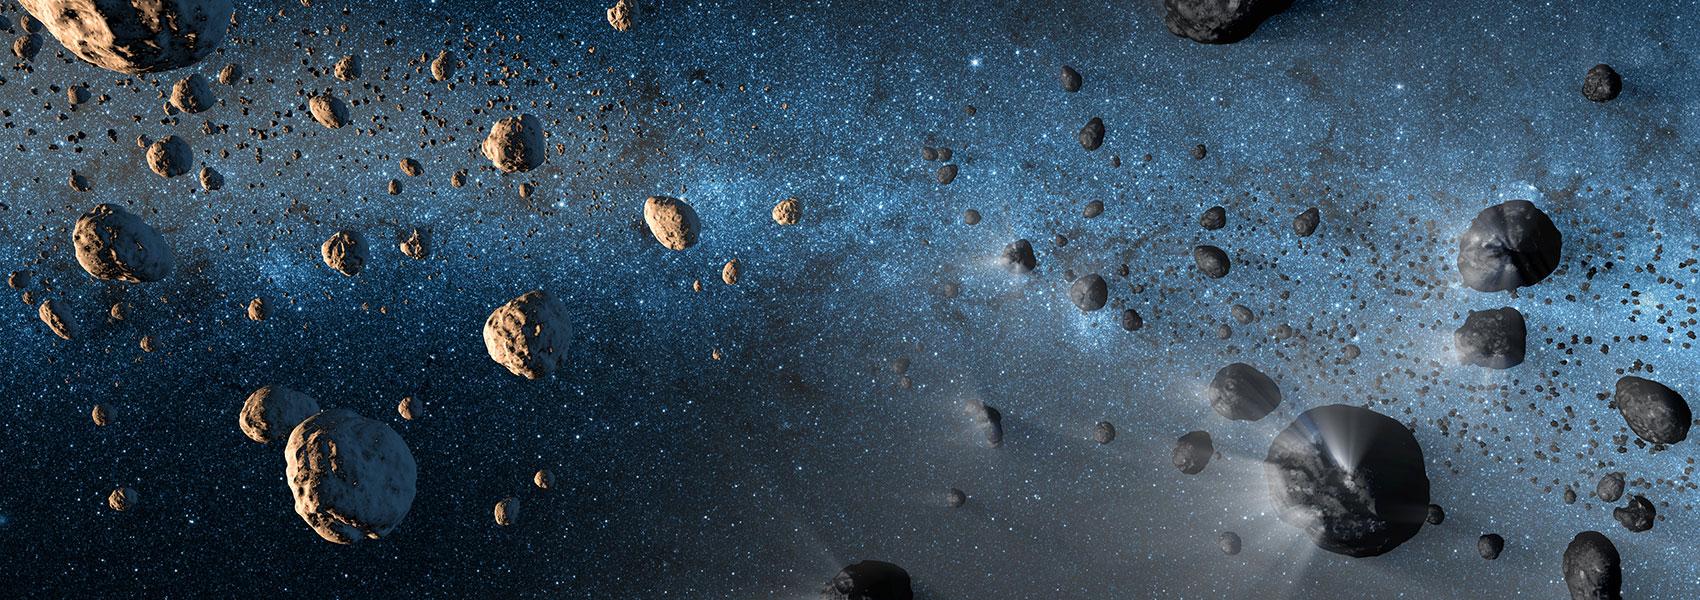 Asteroidscomets